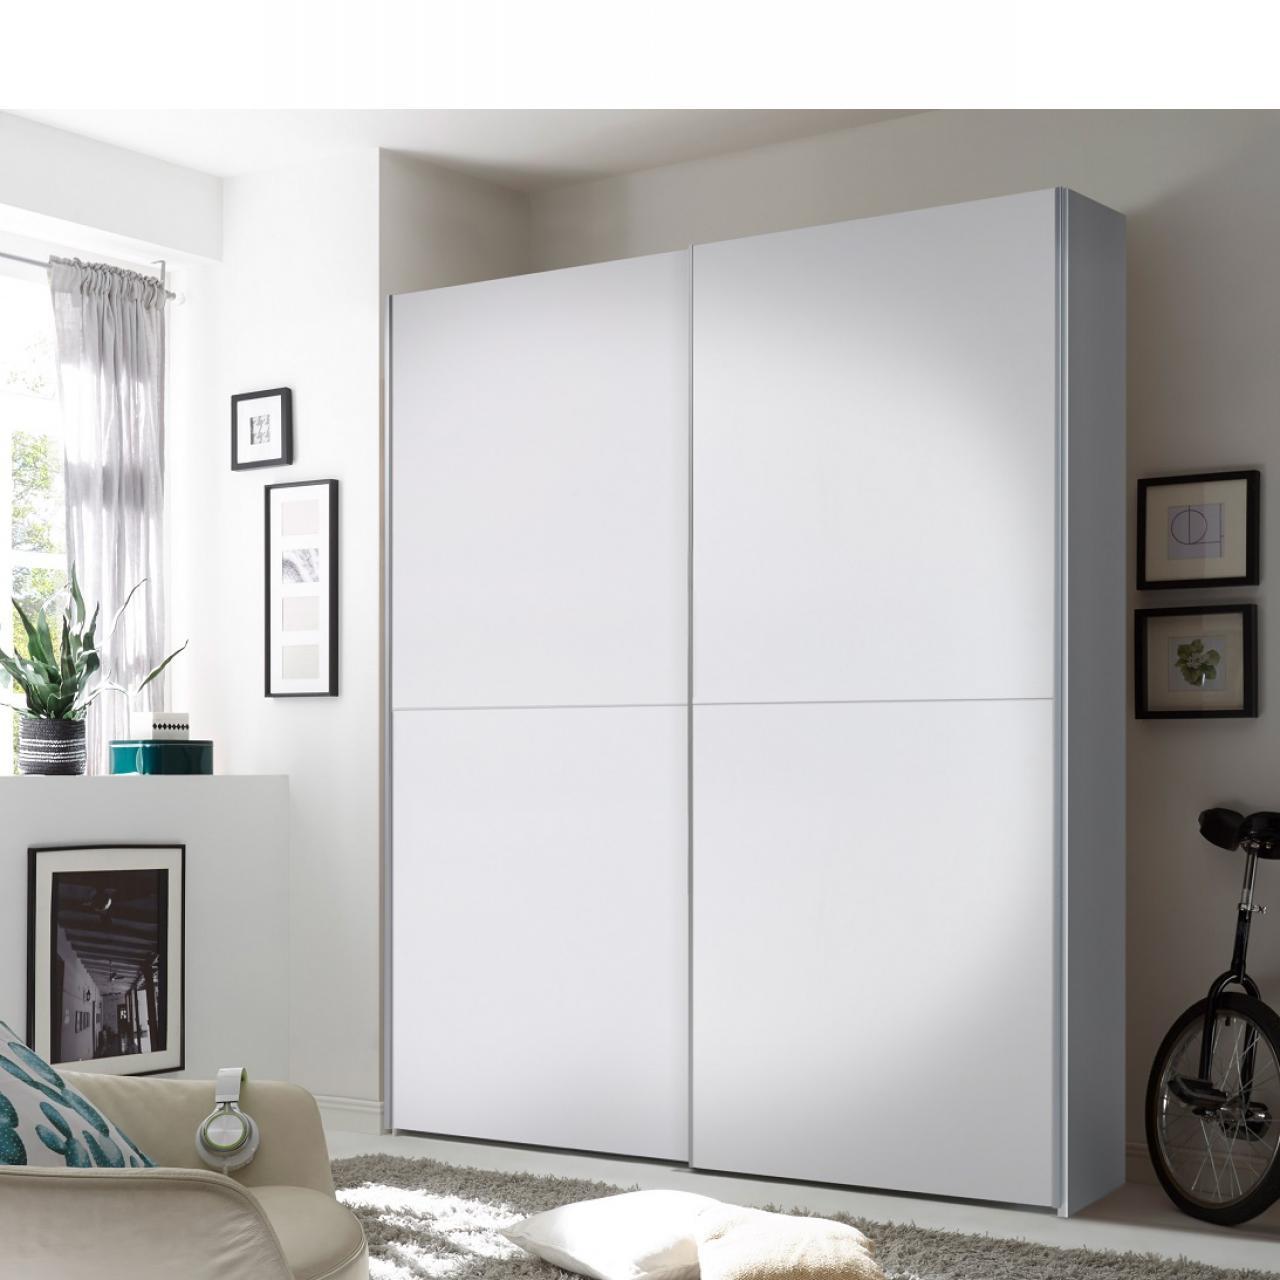 Schwebetürenschrank Puls Weiß 2 Türen MDF Schrank Schlafzimmer Kleiderschrank